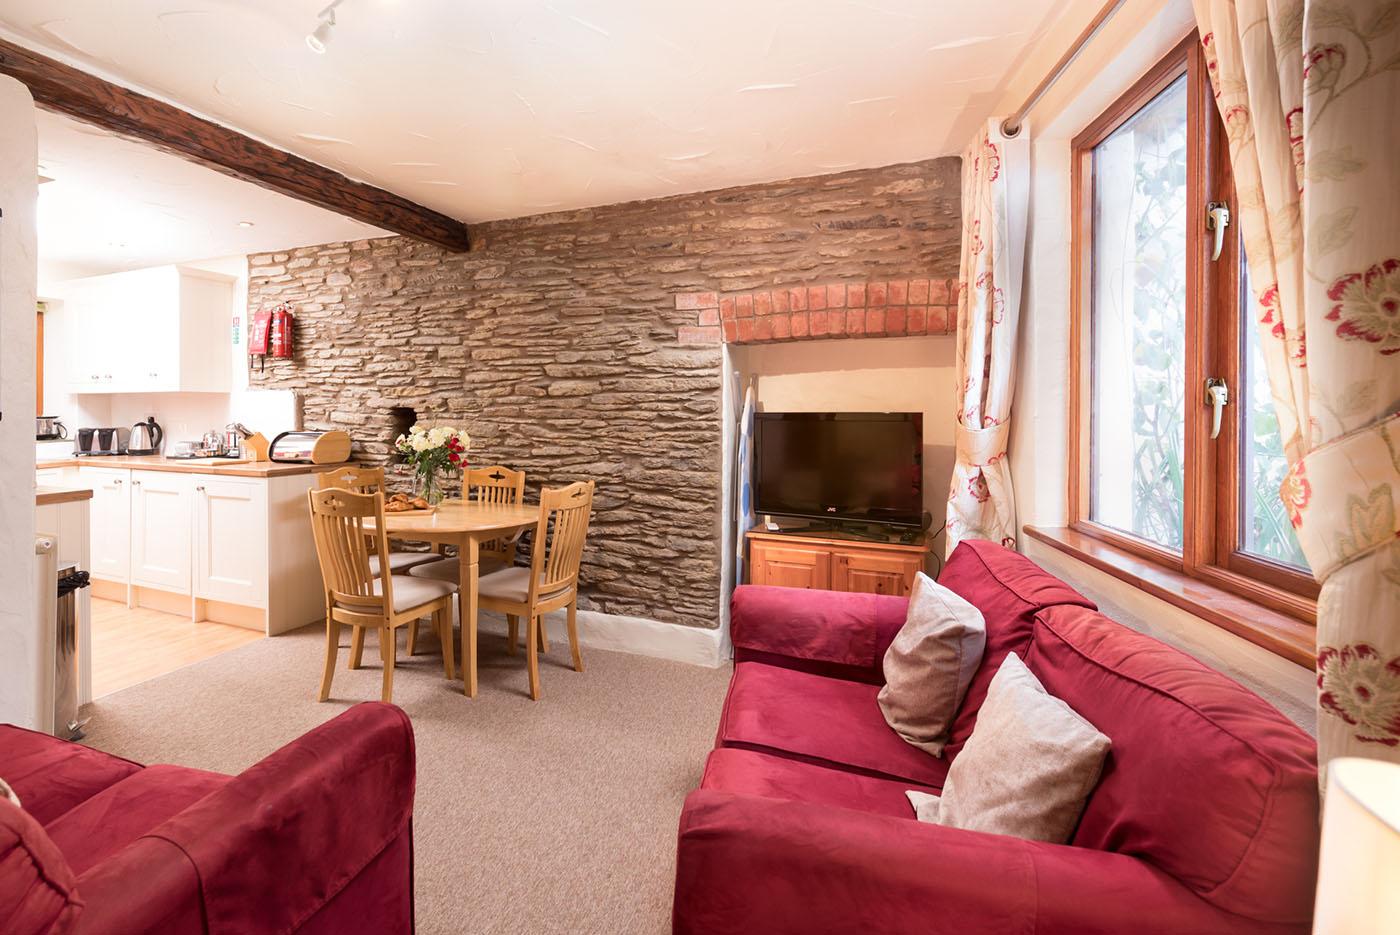 Linhay living room